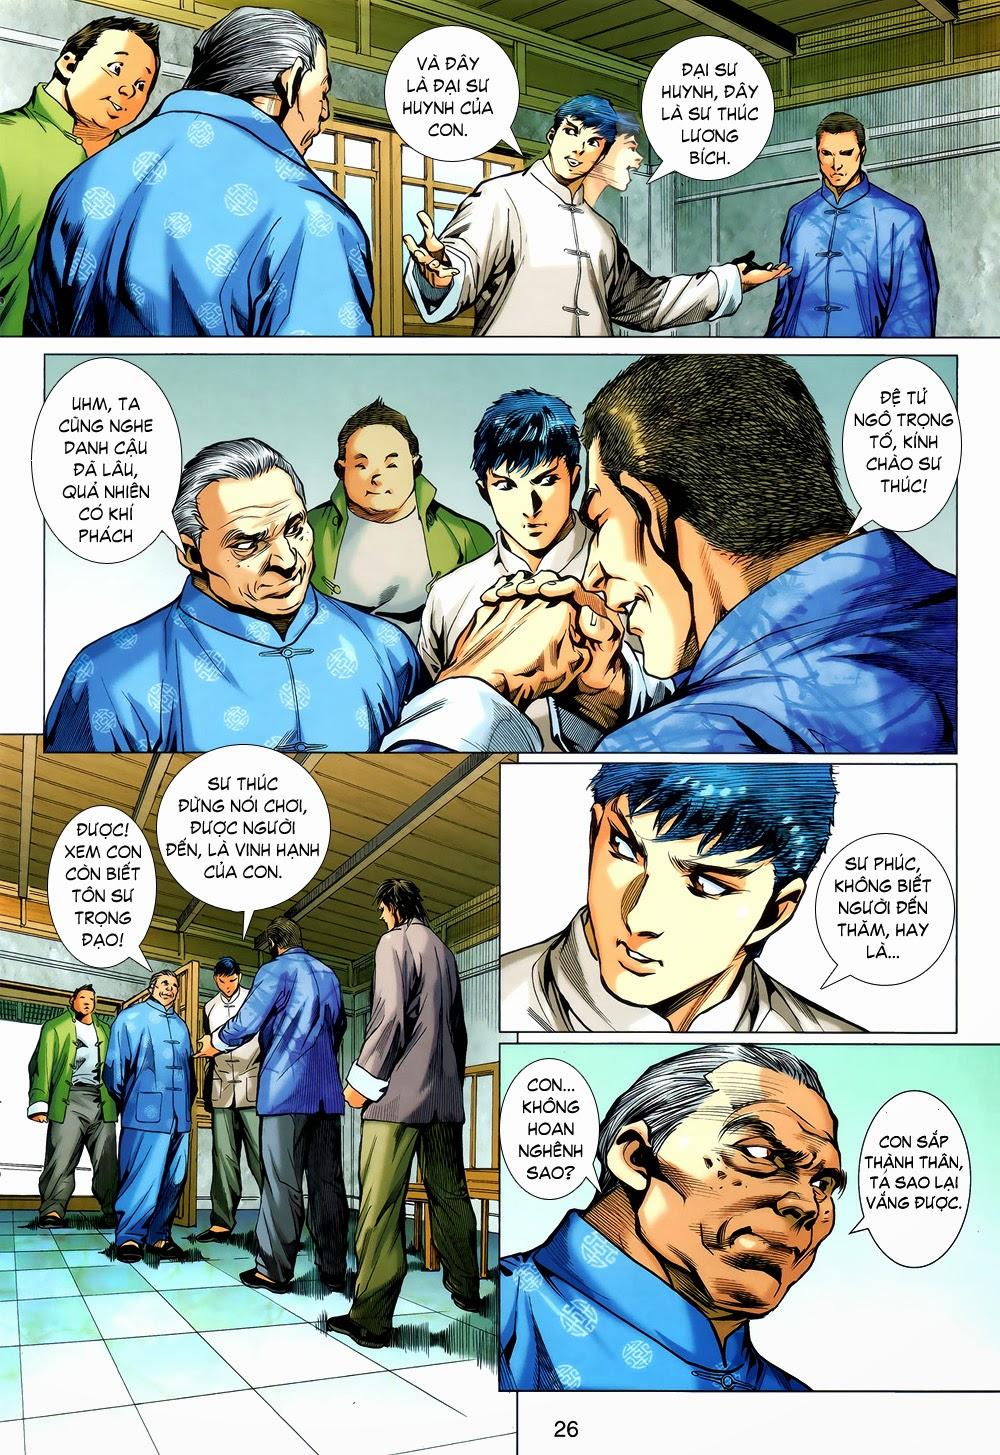 Diệp Vấn Tiền Truyện chap 20 - Trang 24